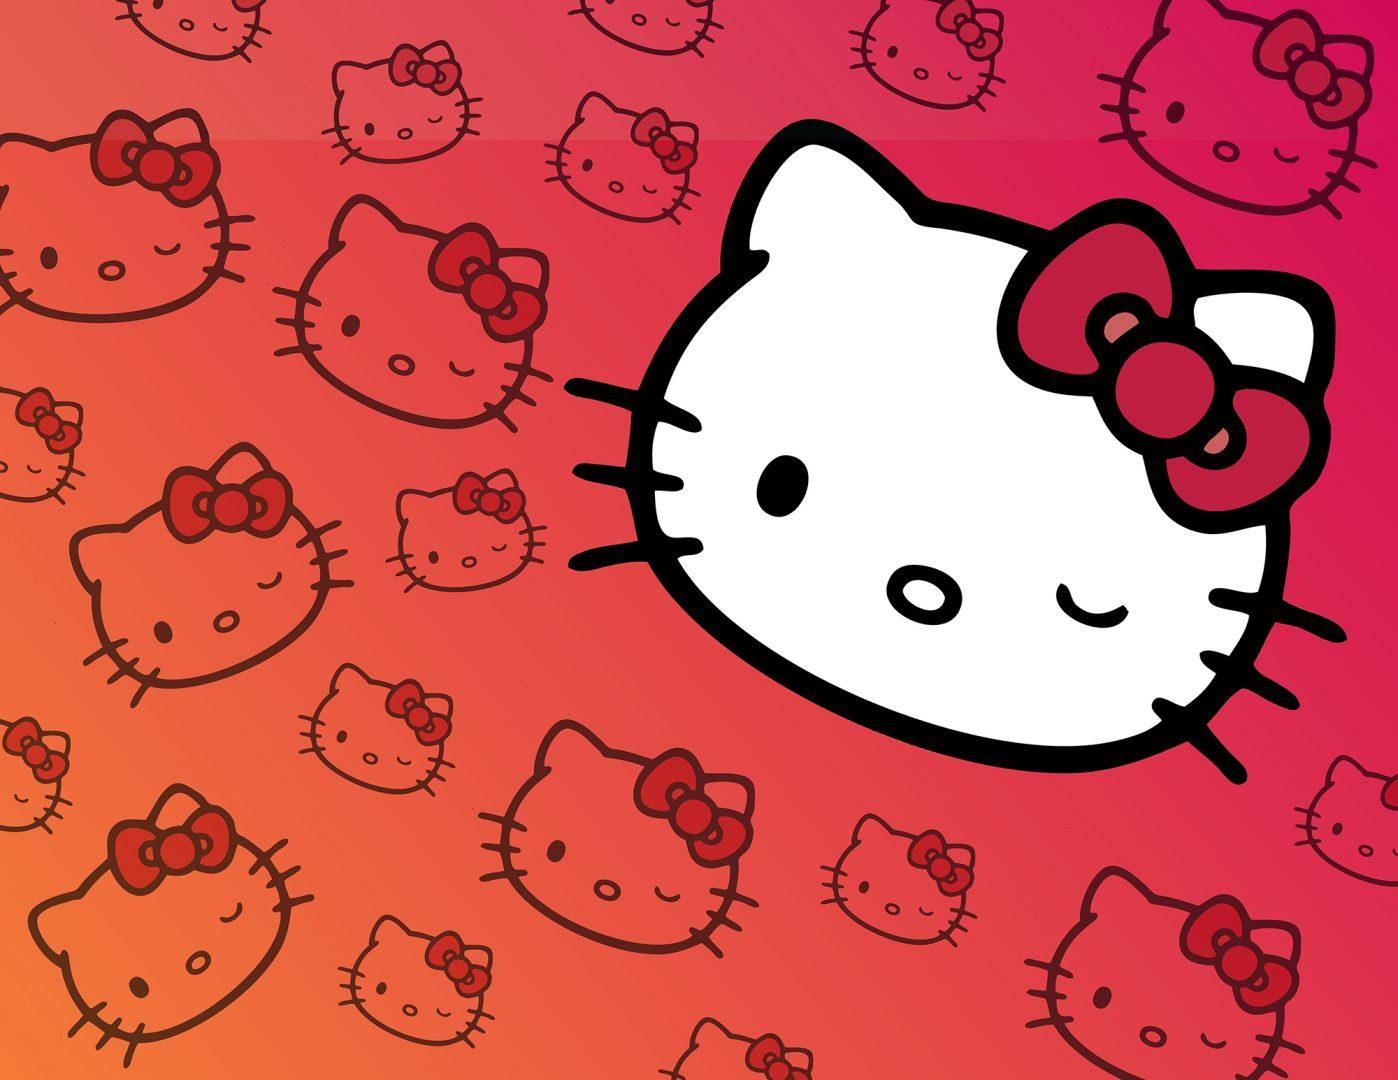 Cabeza de Hello Kitty  Imgenes y fotos